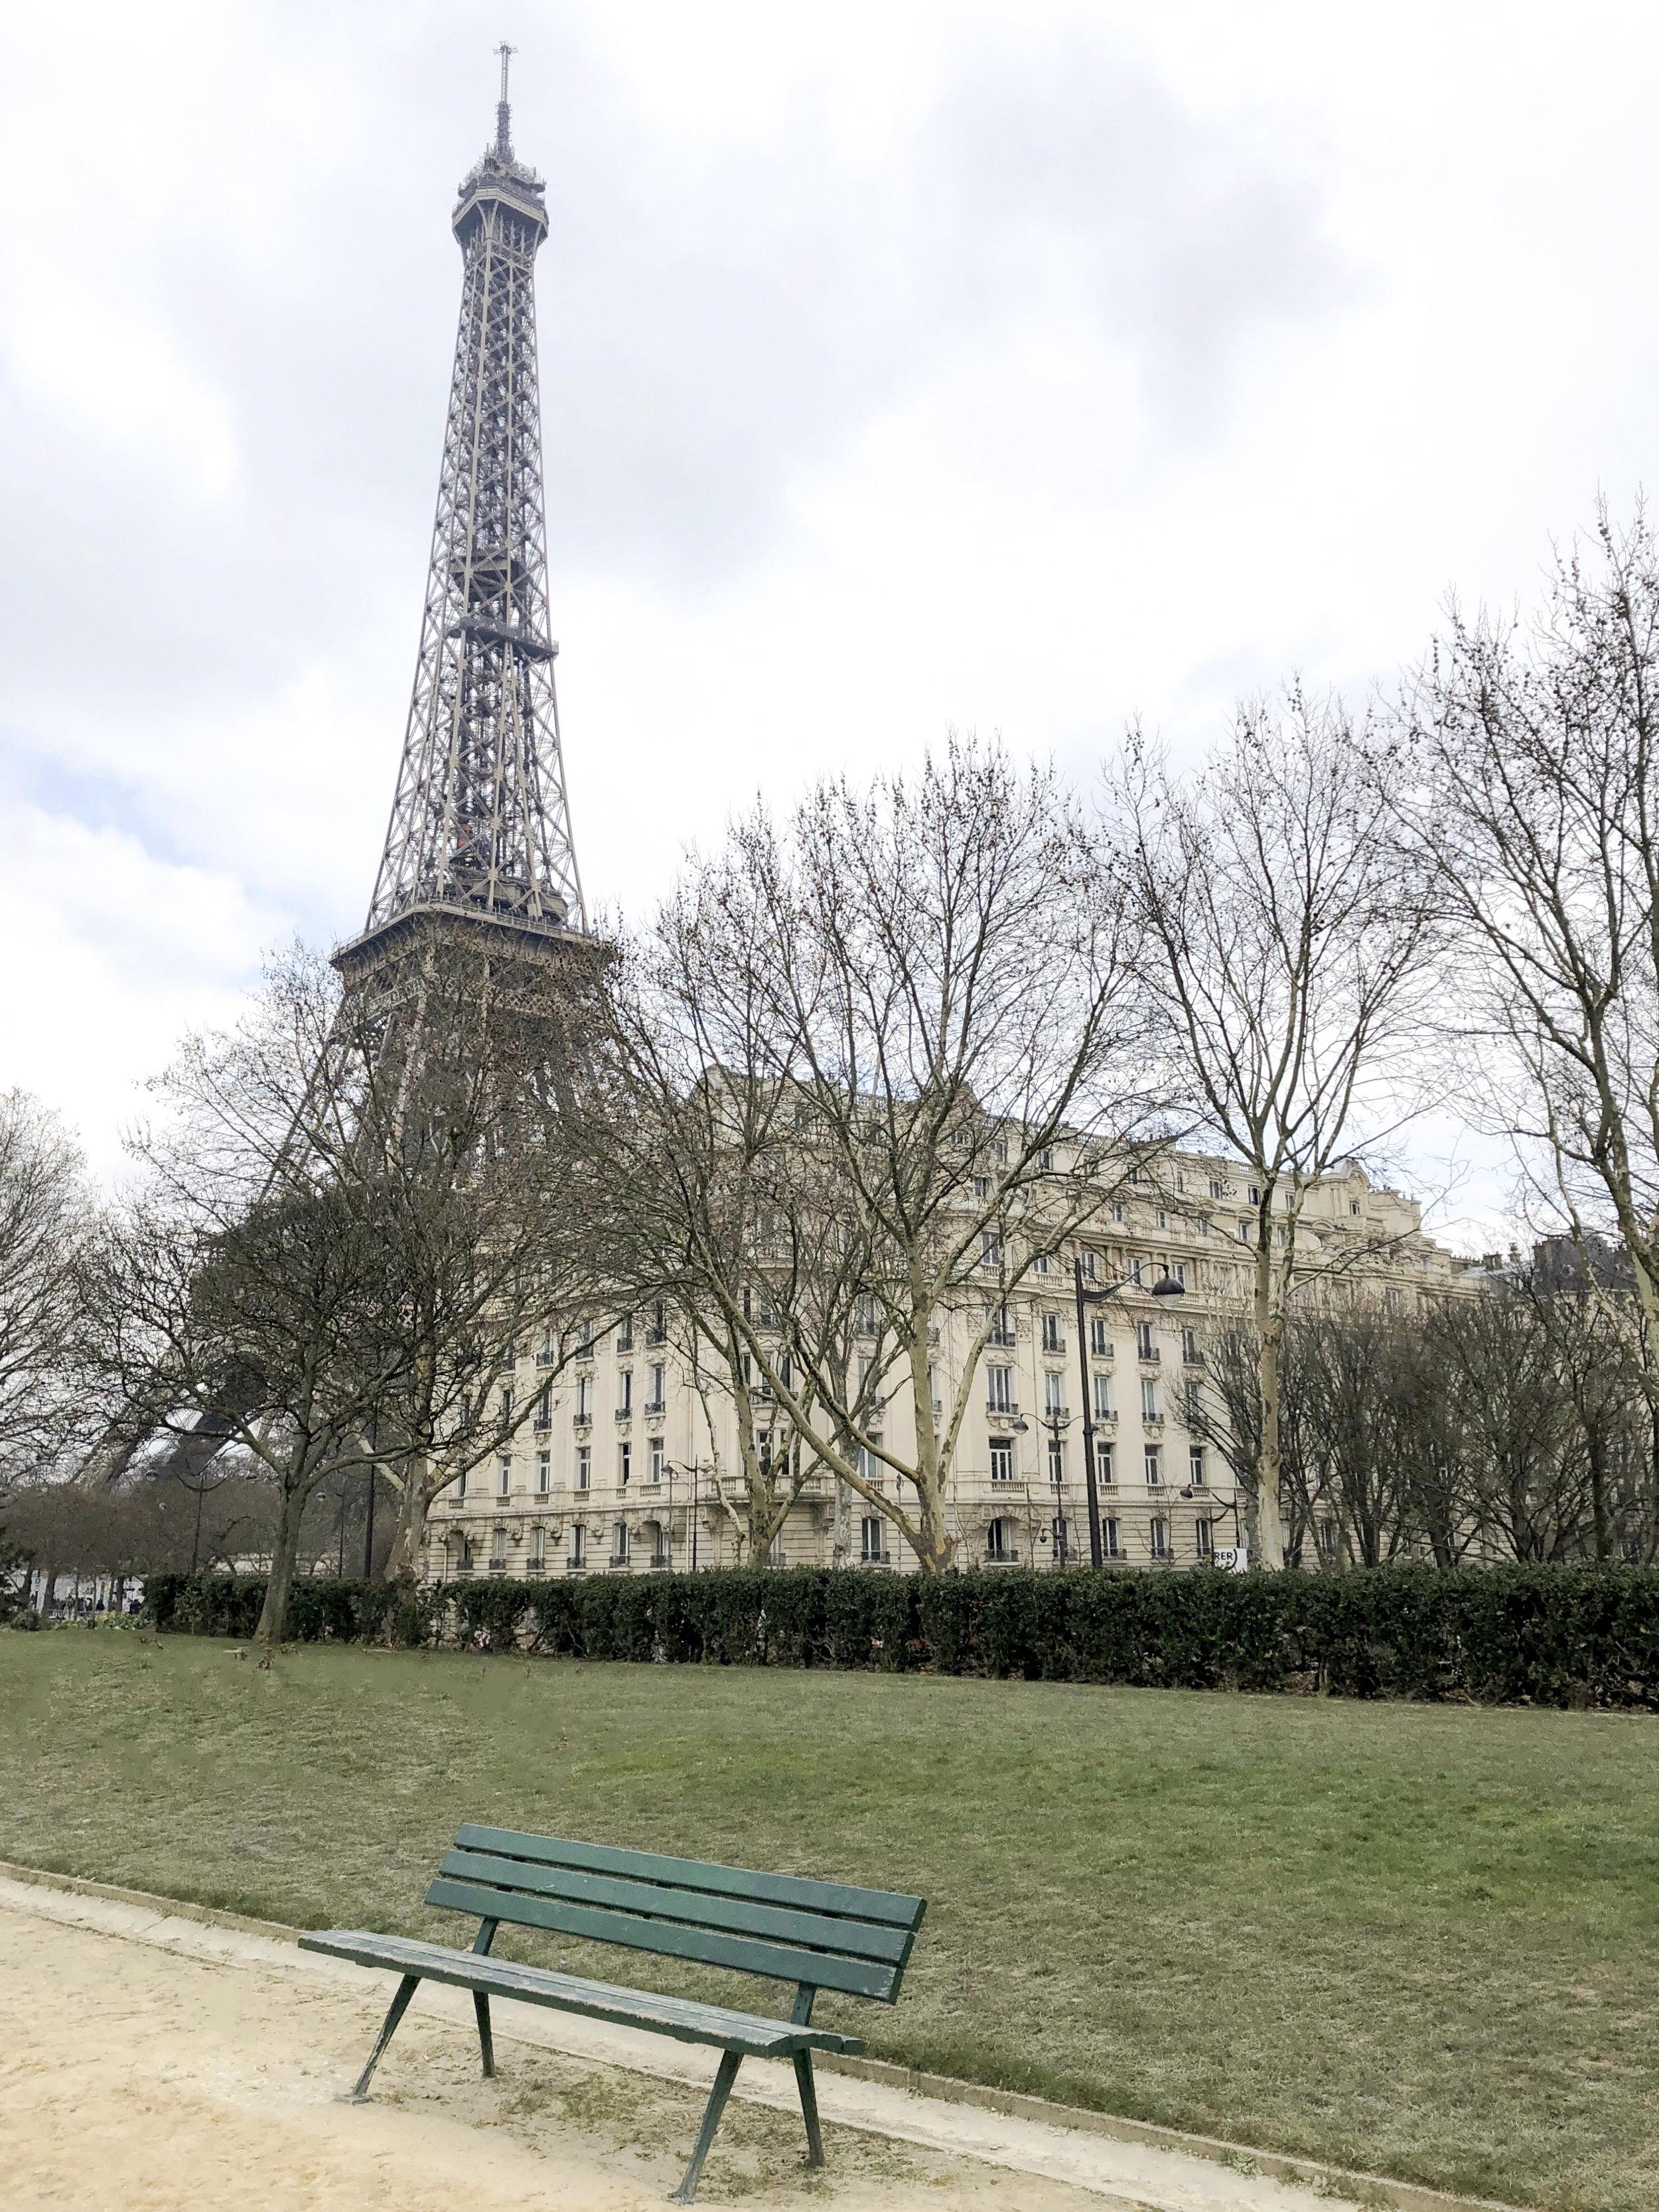 Tour Eiffel w/ green bench